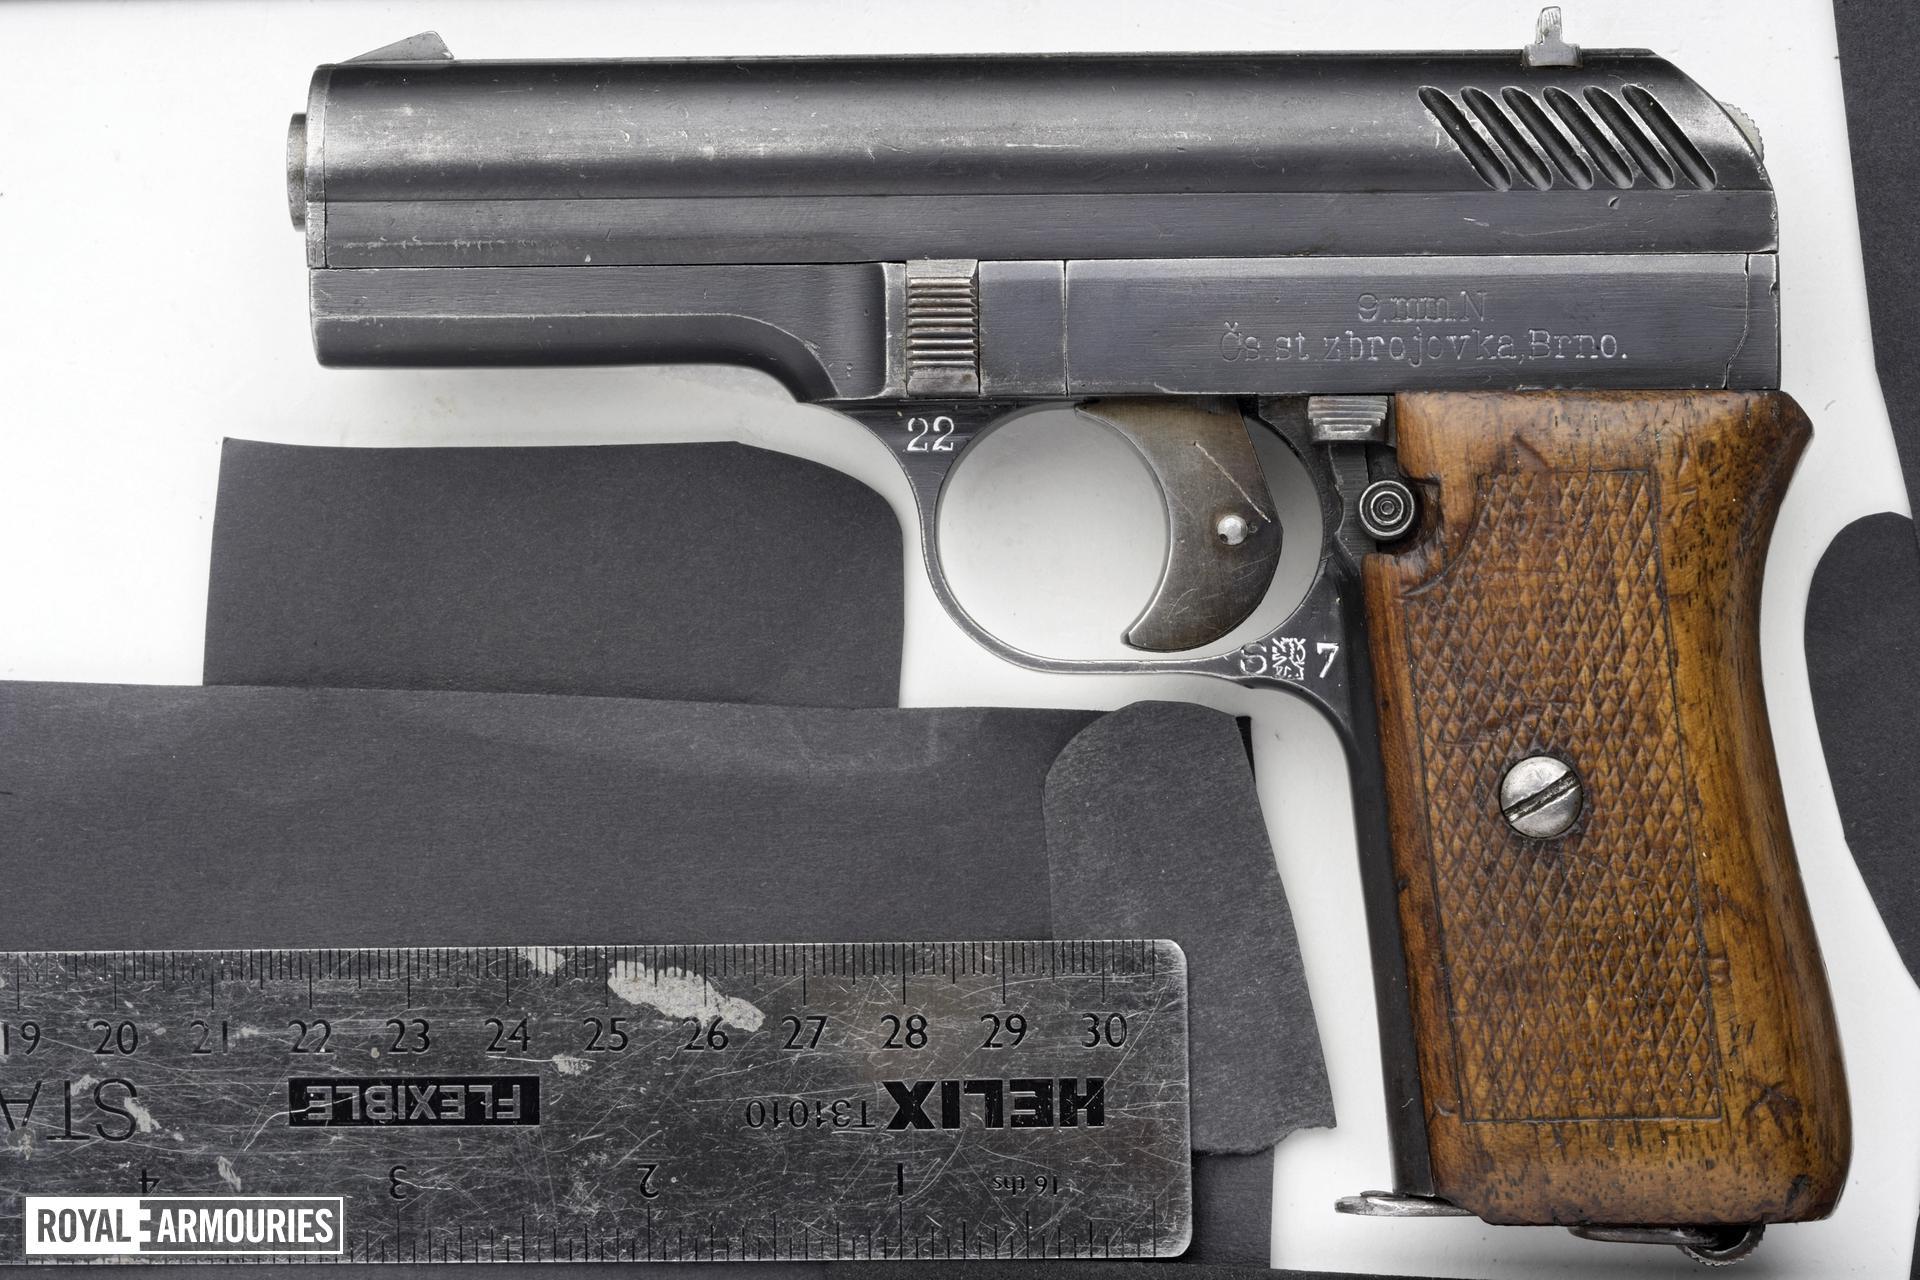 Centrefire self-loading pistol - ZB VZ22